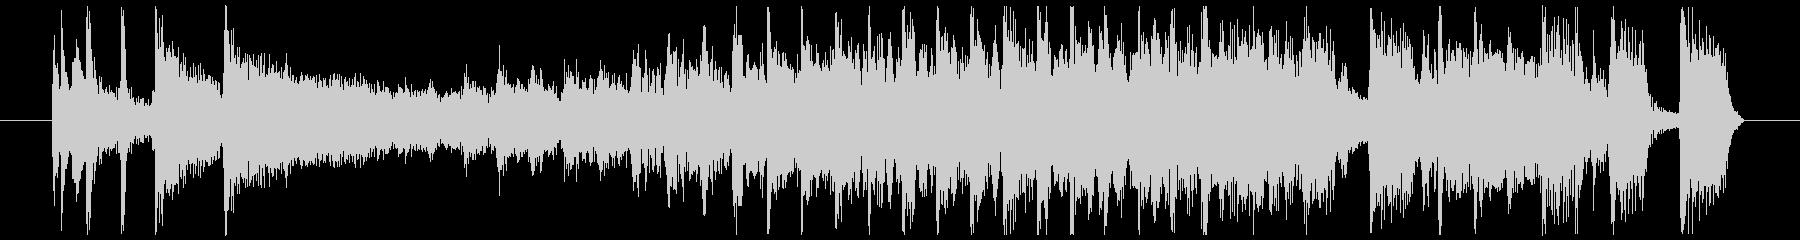 ワイルドなブルージーロックBGM 12秒の未再生の波形